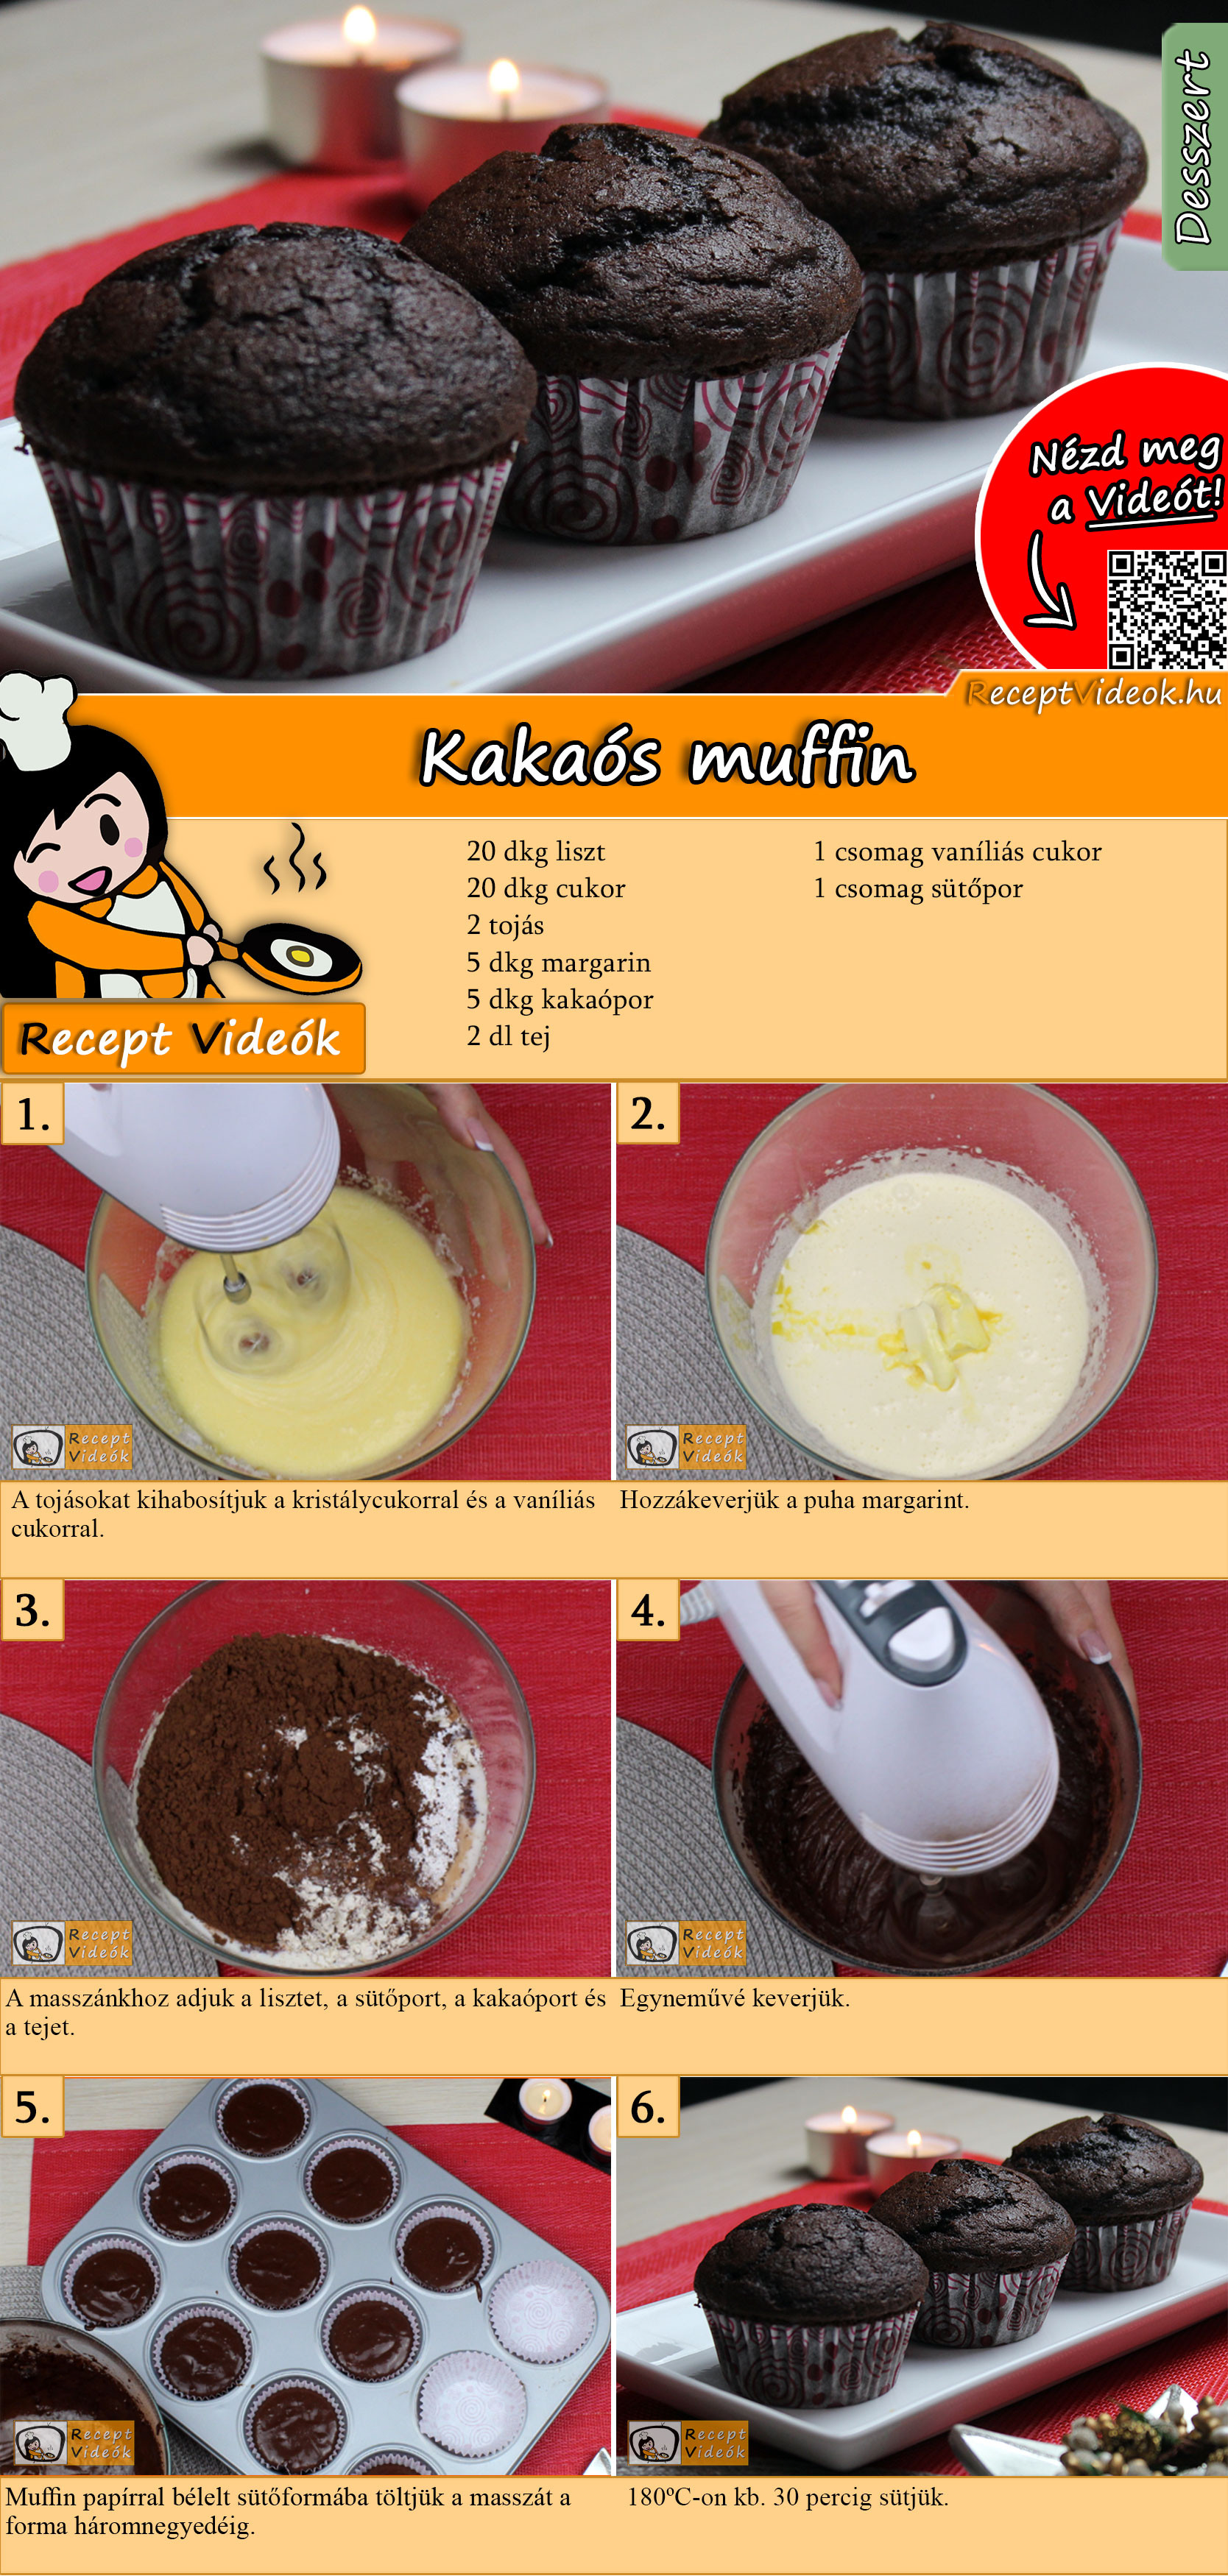 Kakaós muffin recept elkészítése videóval